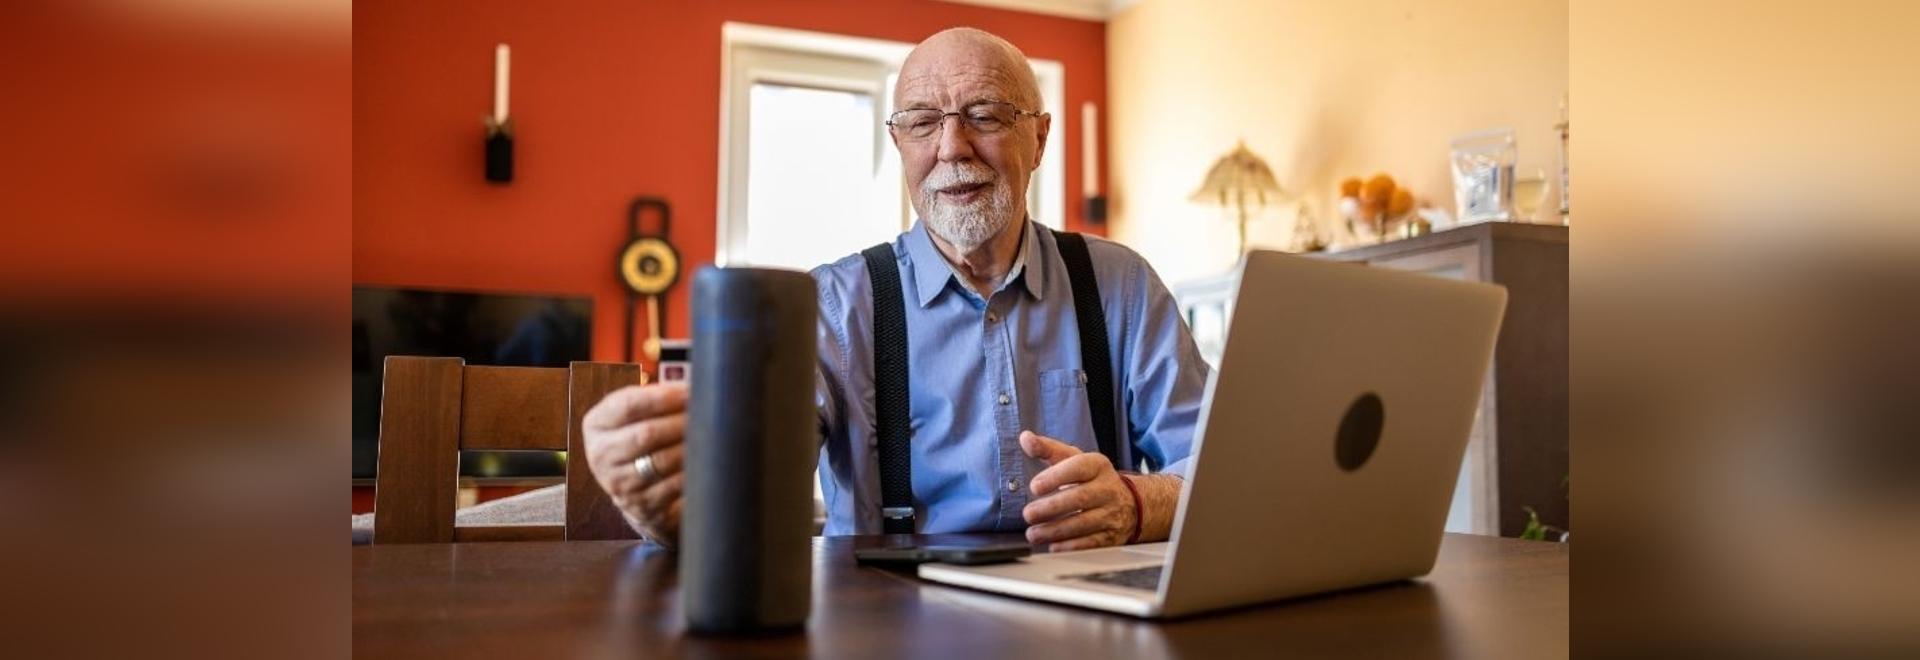 Uno studio osserva gli anziani e la tecnologia intelligente